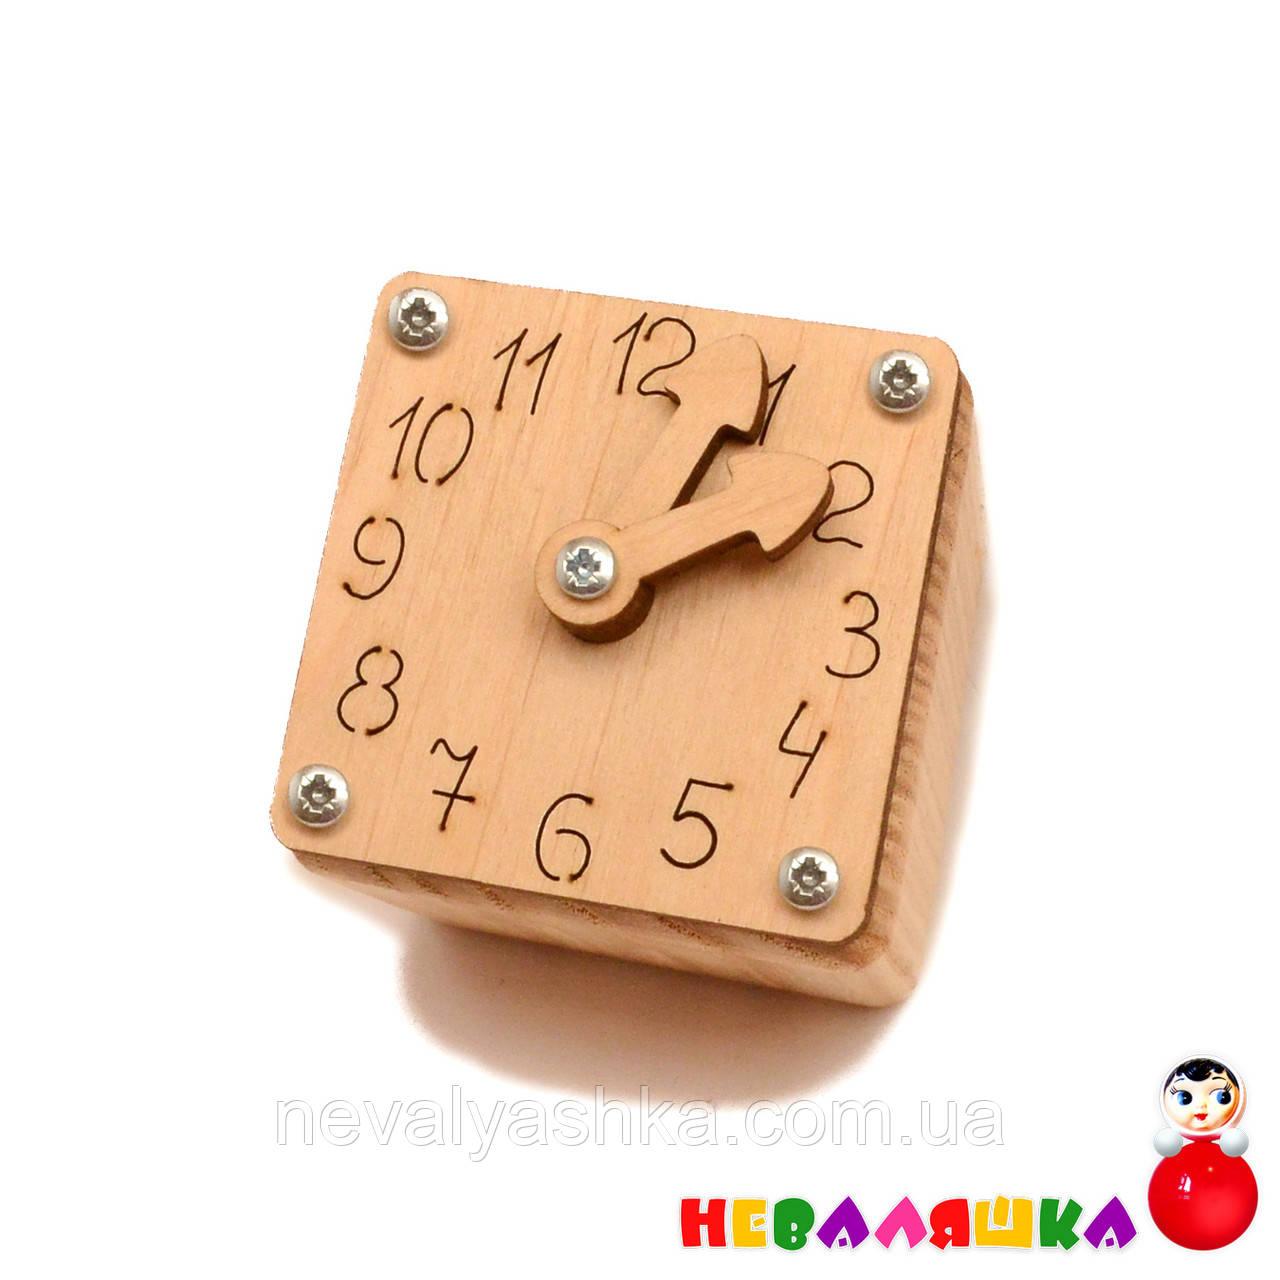 Заготовка для Бизикубика Малые Часы со Стрелочками 4,8 см Часики Будильник Дерев'яний годинник для бізікубика